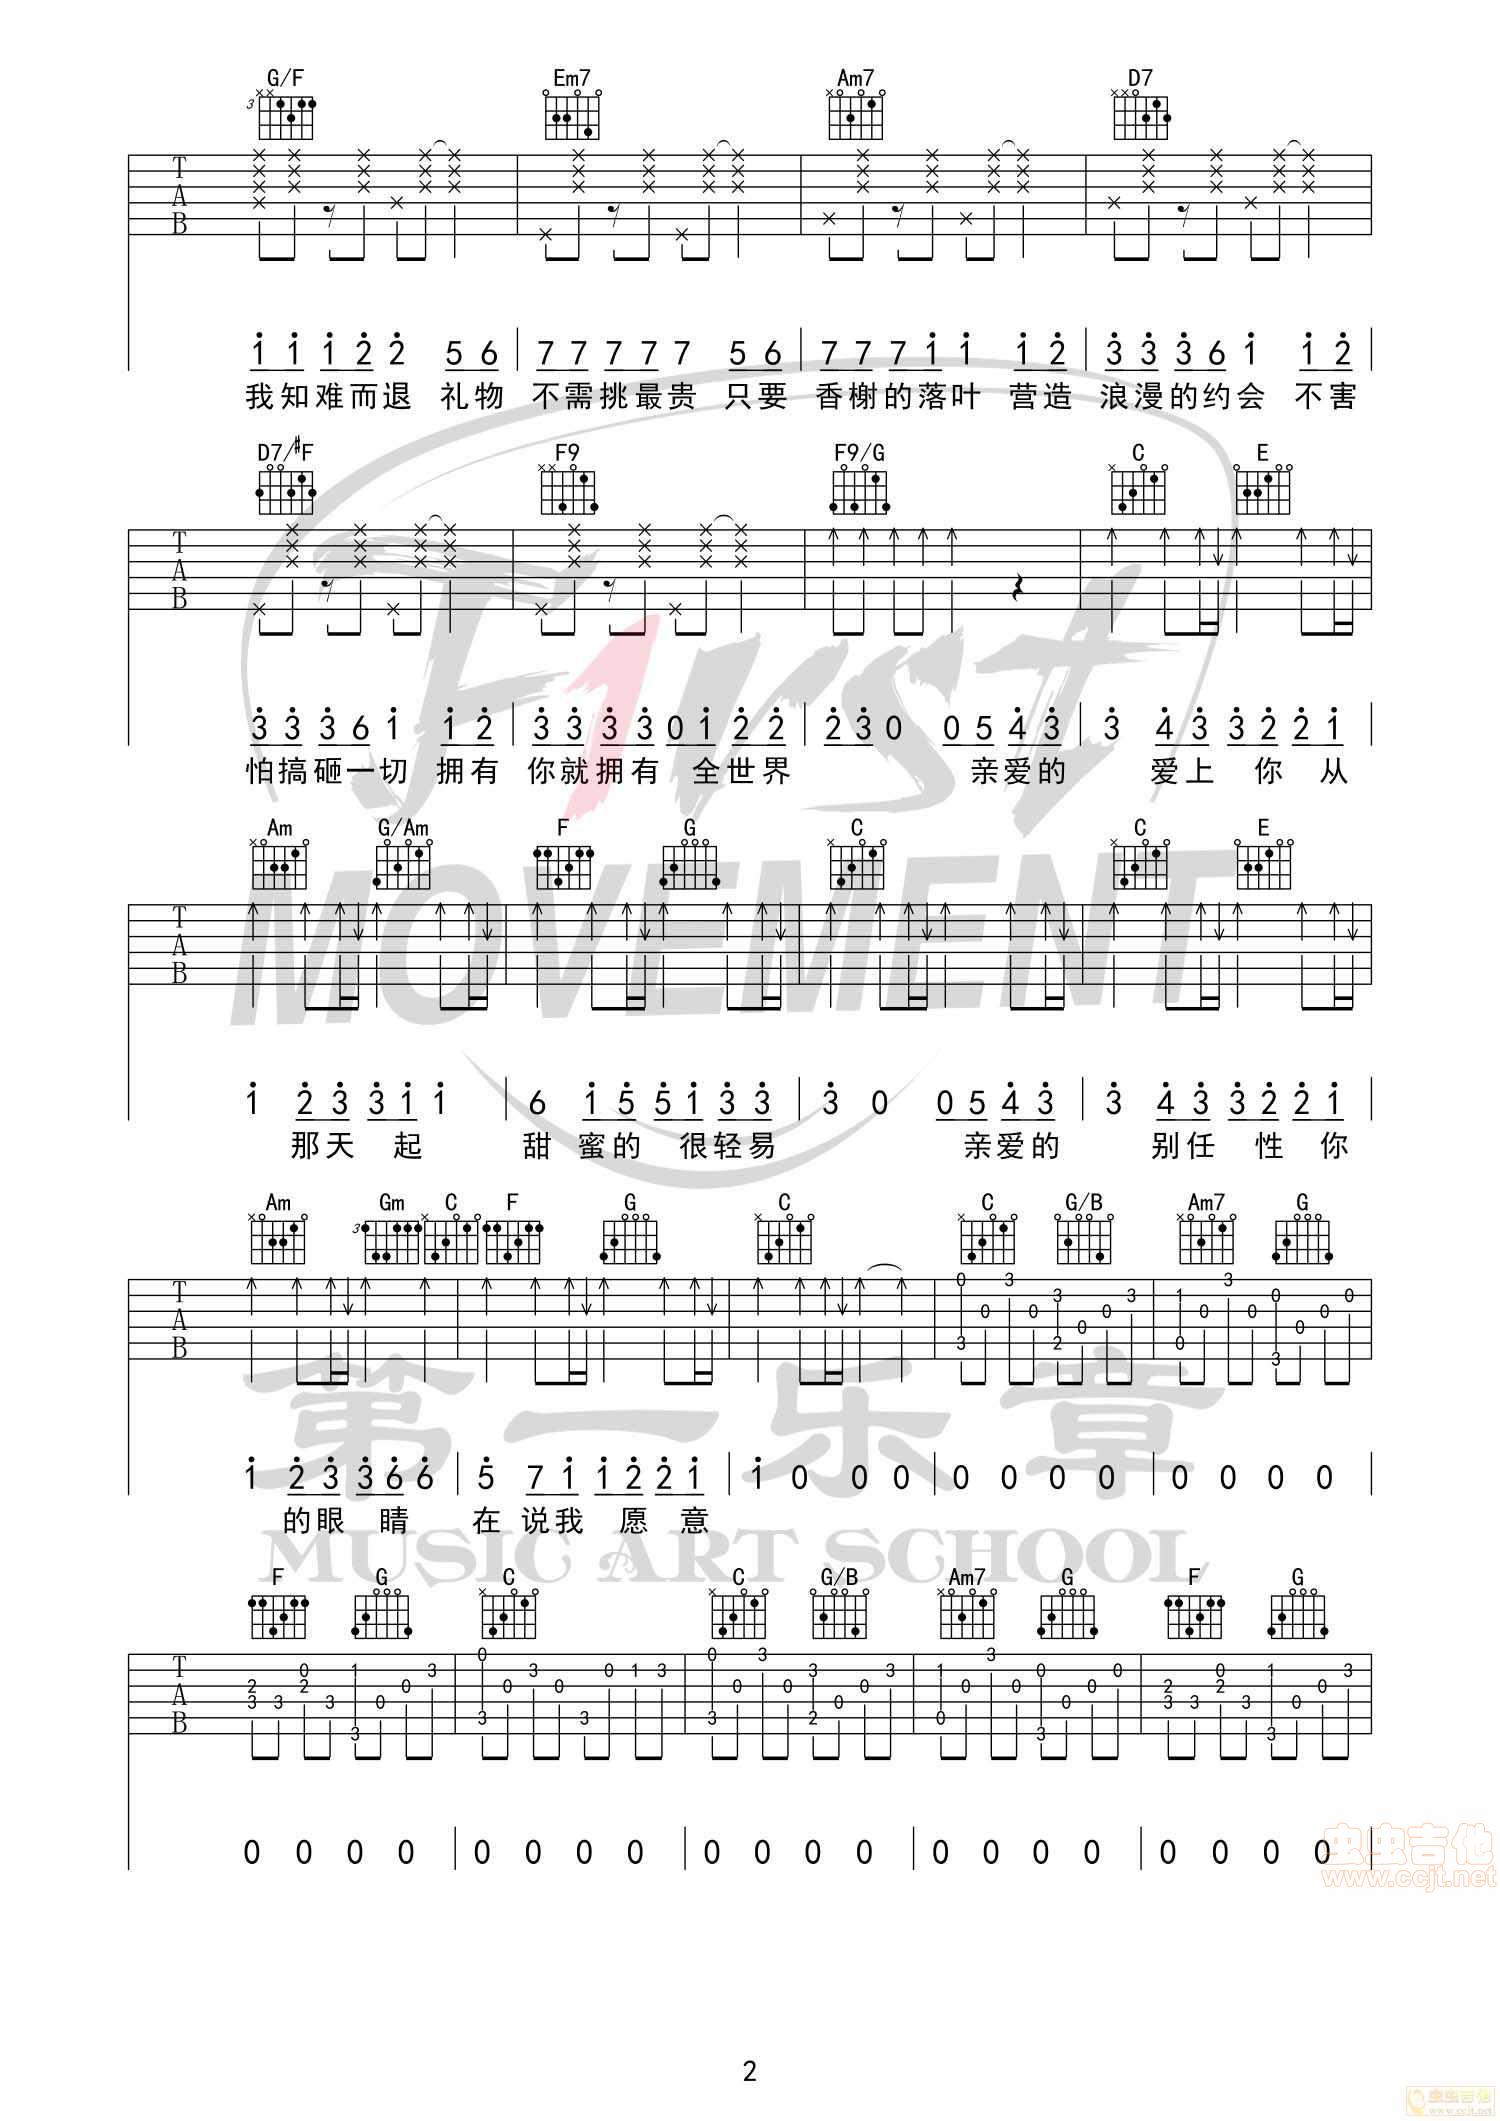 告白气球 周杰伦 原版吉他 内部教材首发C调六线吉他谱 虫虫吉他谱免